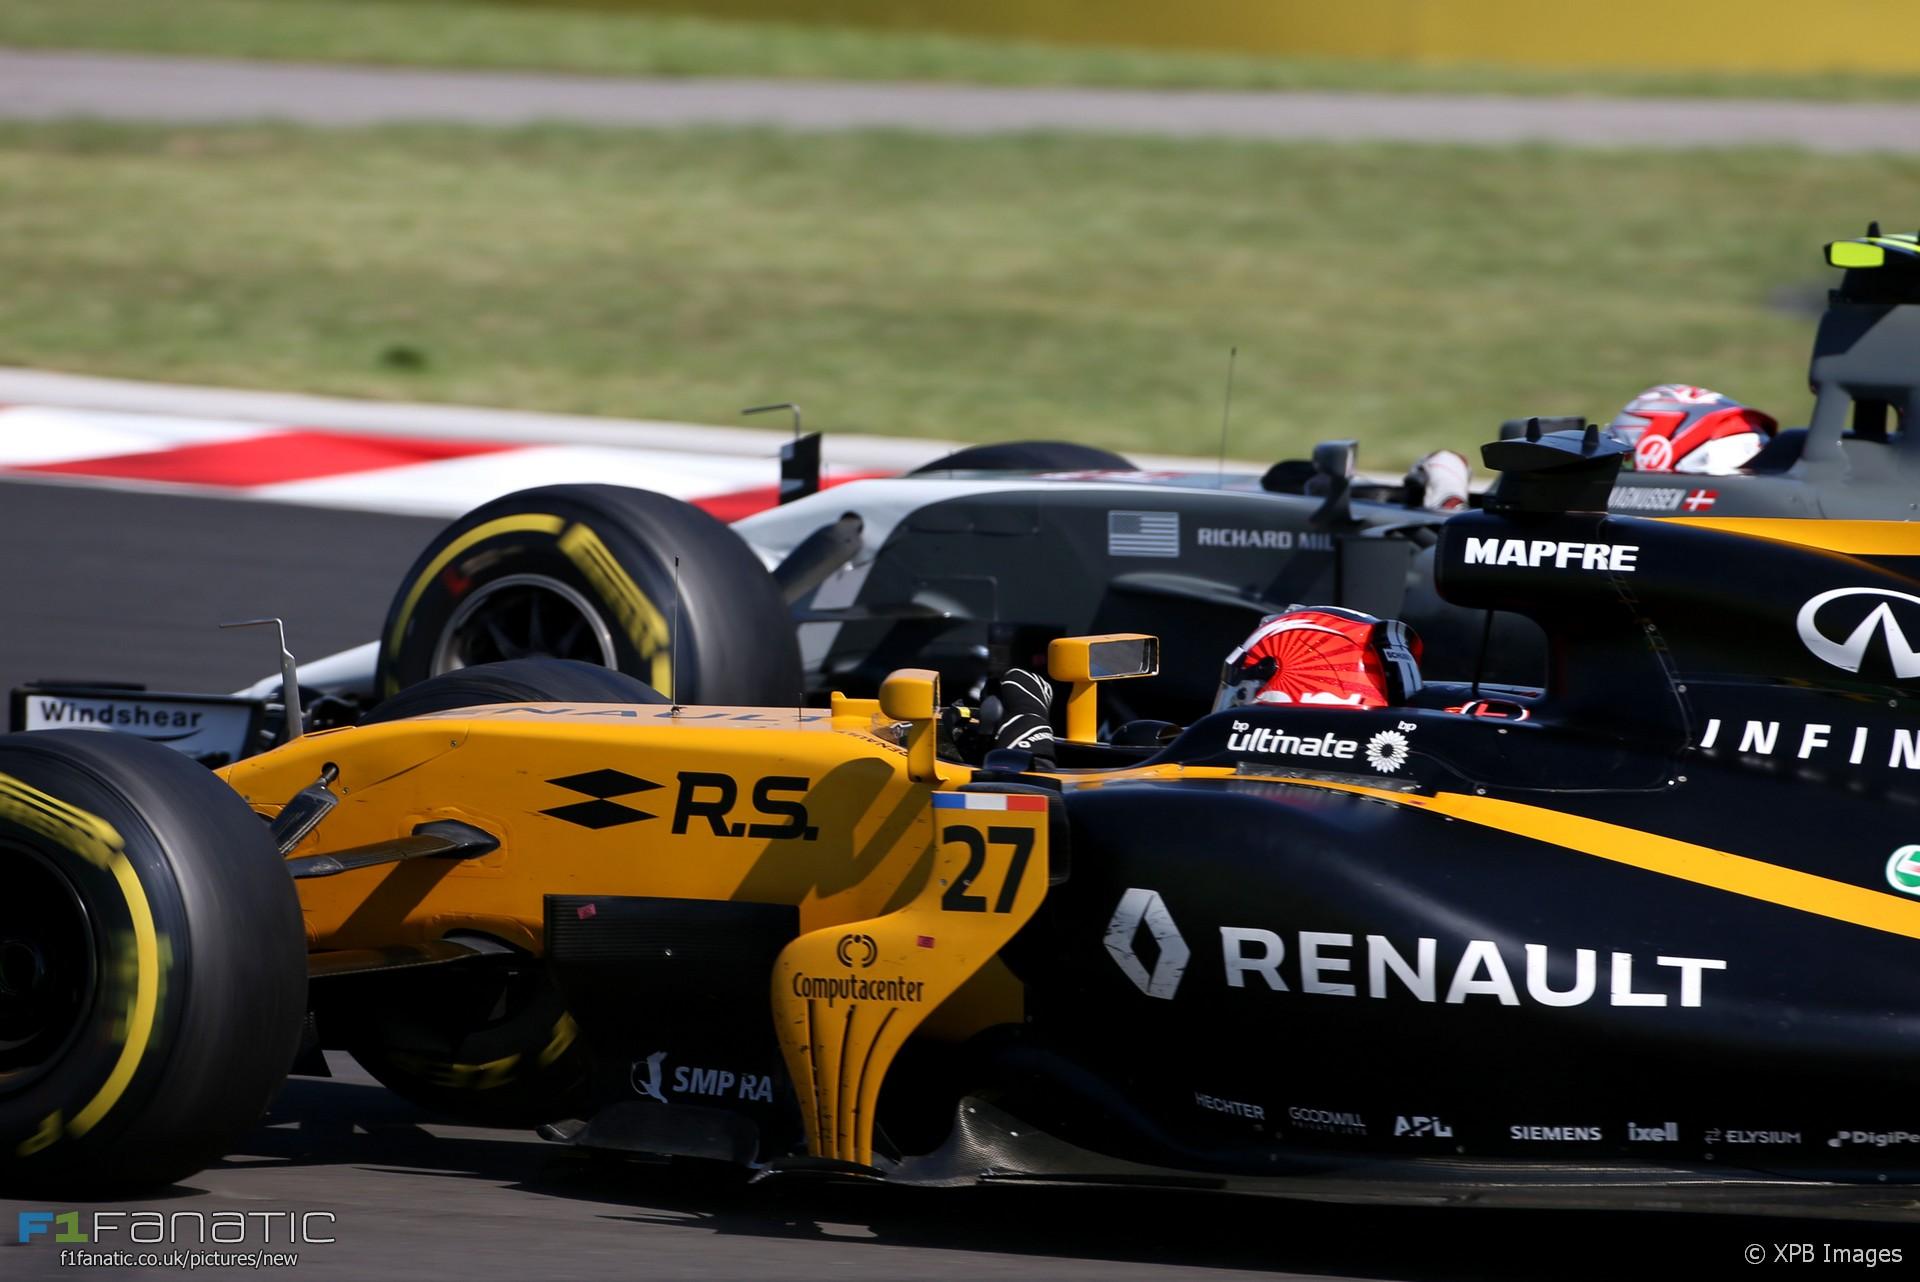 Nico Hulkenberg, Kevin Magnussen, Renault, Hungaroring, 2017